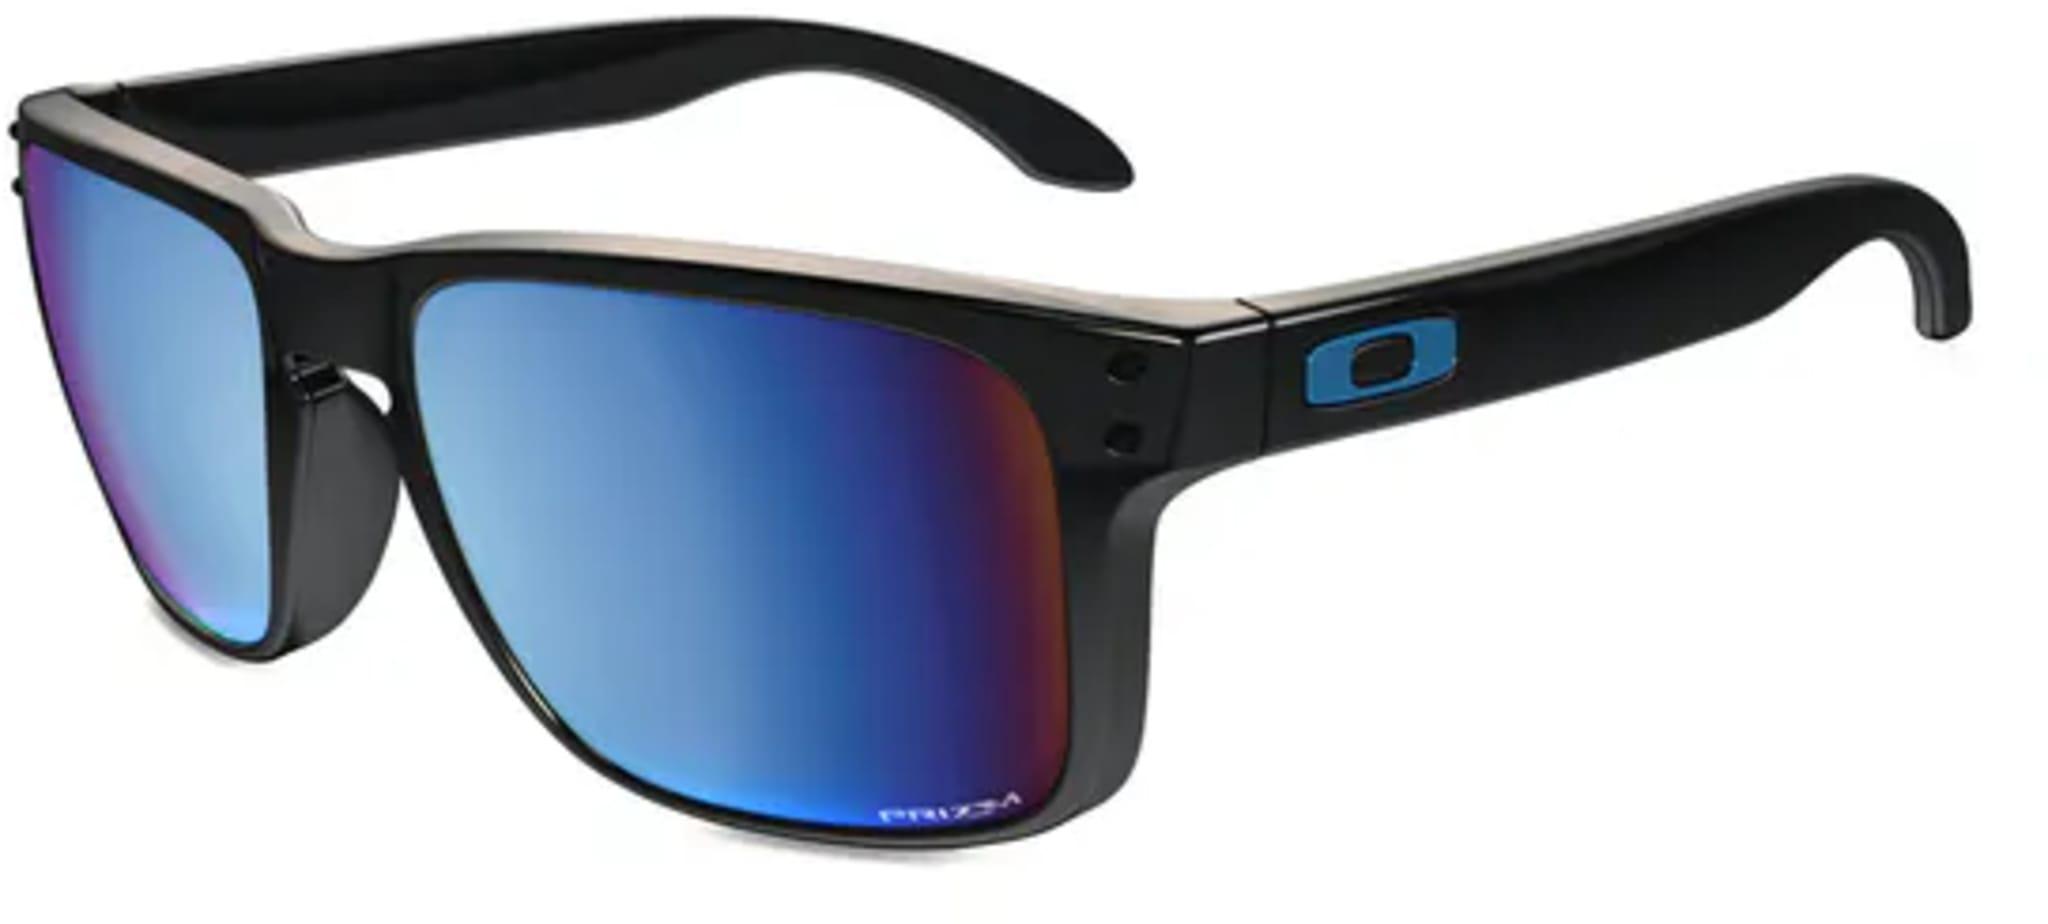 Verdens stiligste solbrille?